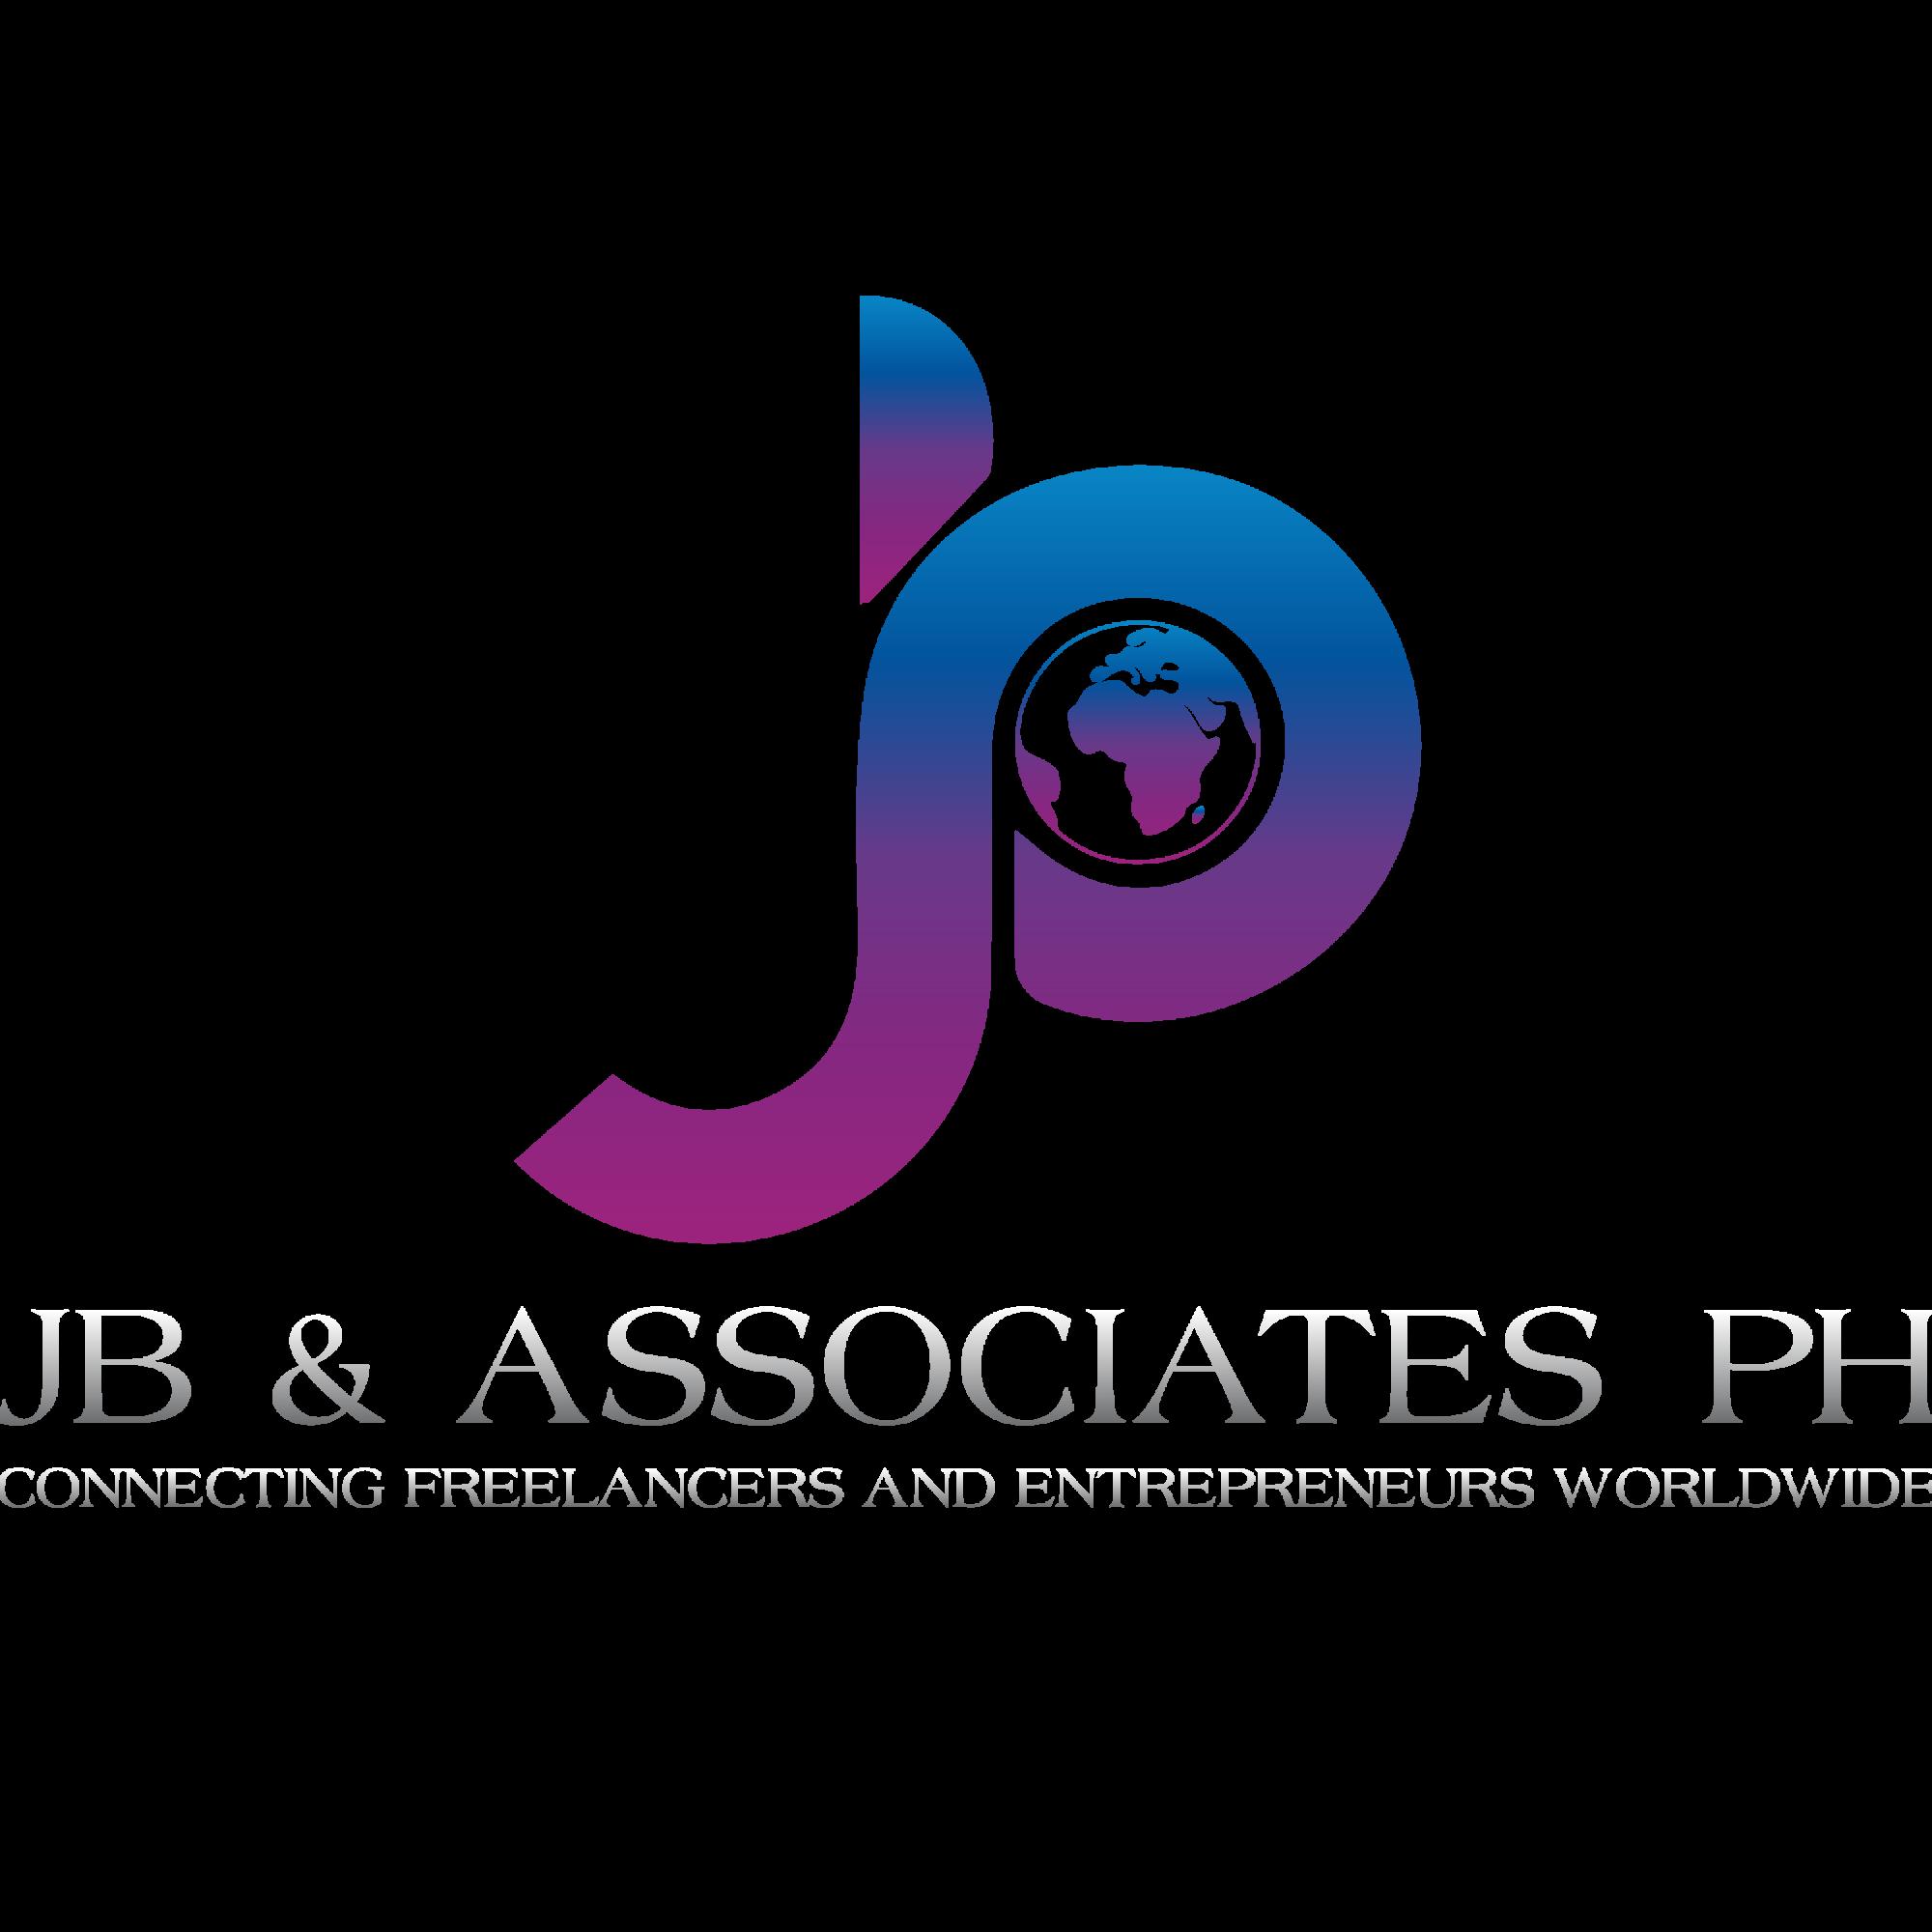 JBA-Logo-Design-ntpao8ivc5h0n10epyzyhf3yr5oyjpezan1u4g06qo